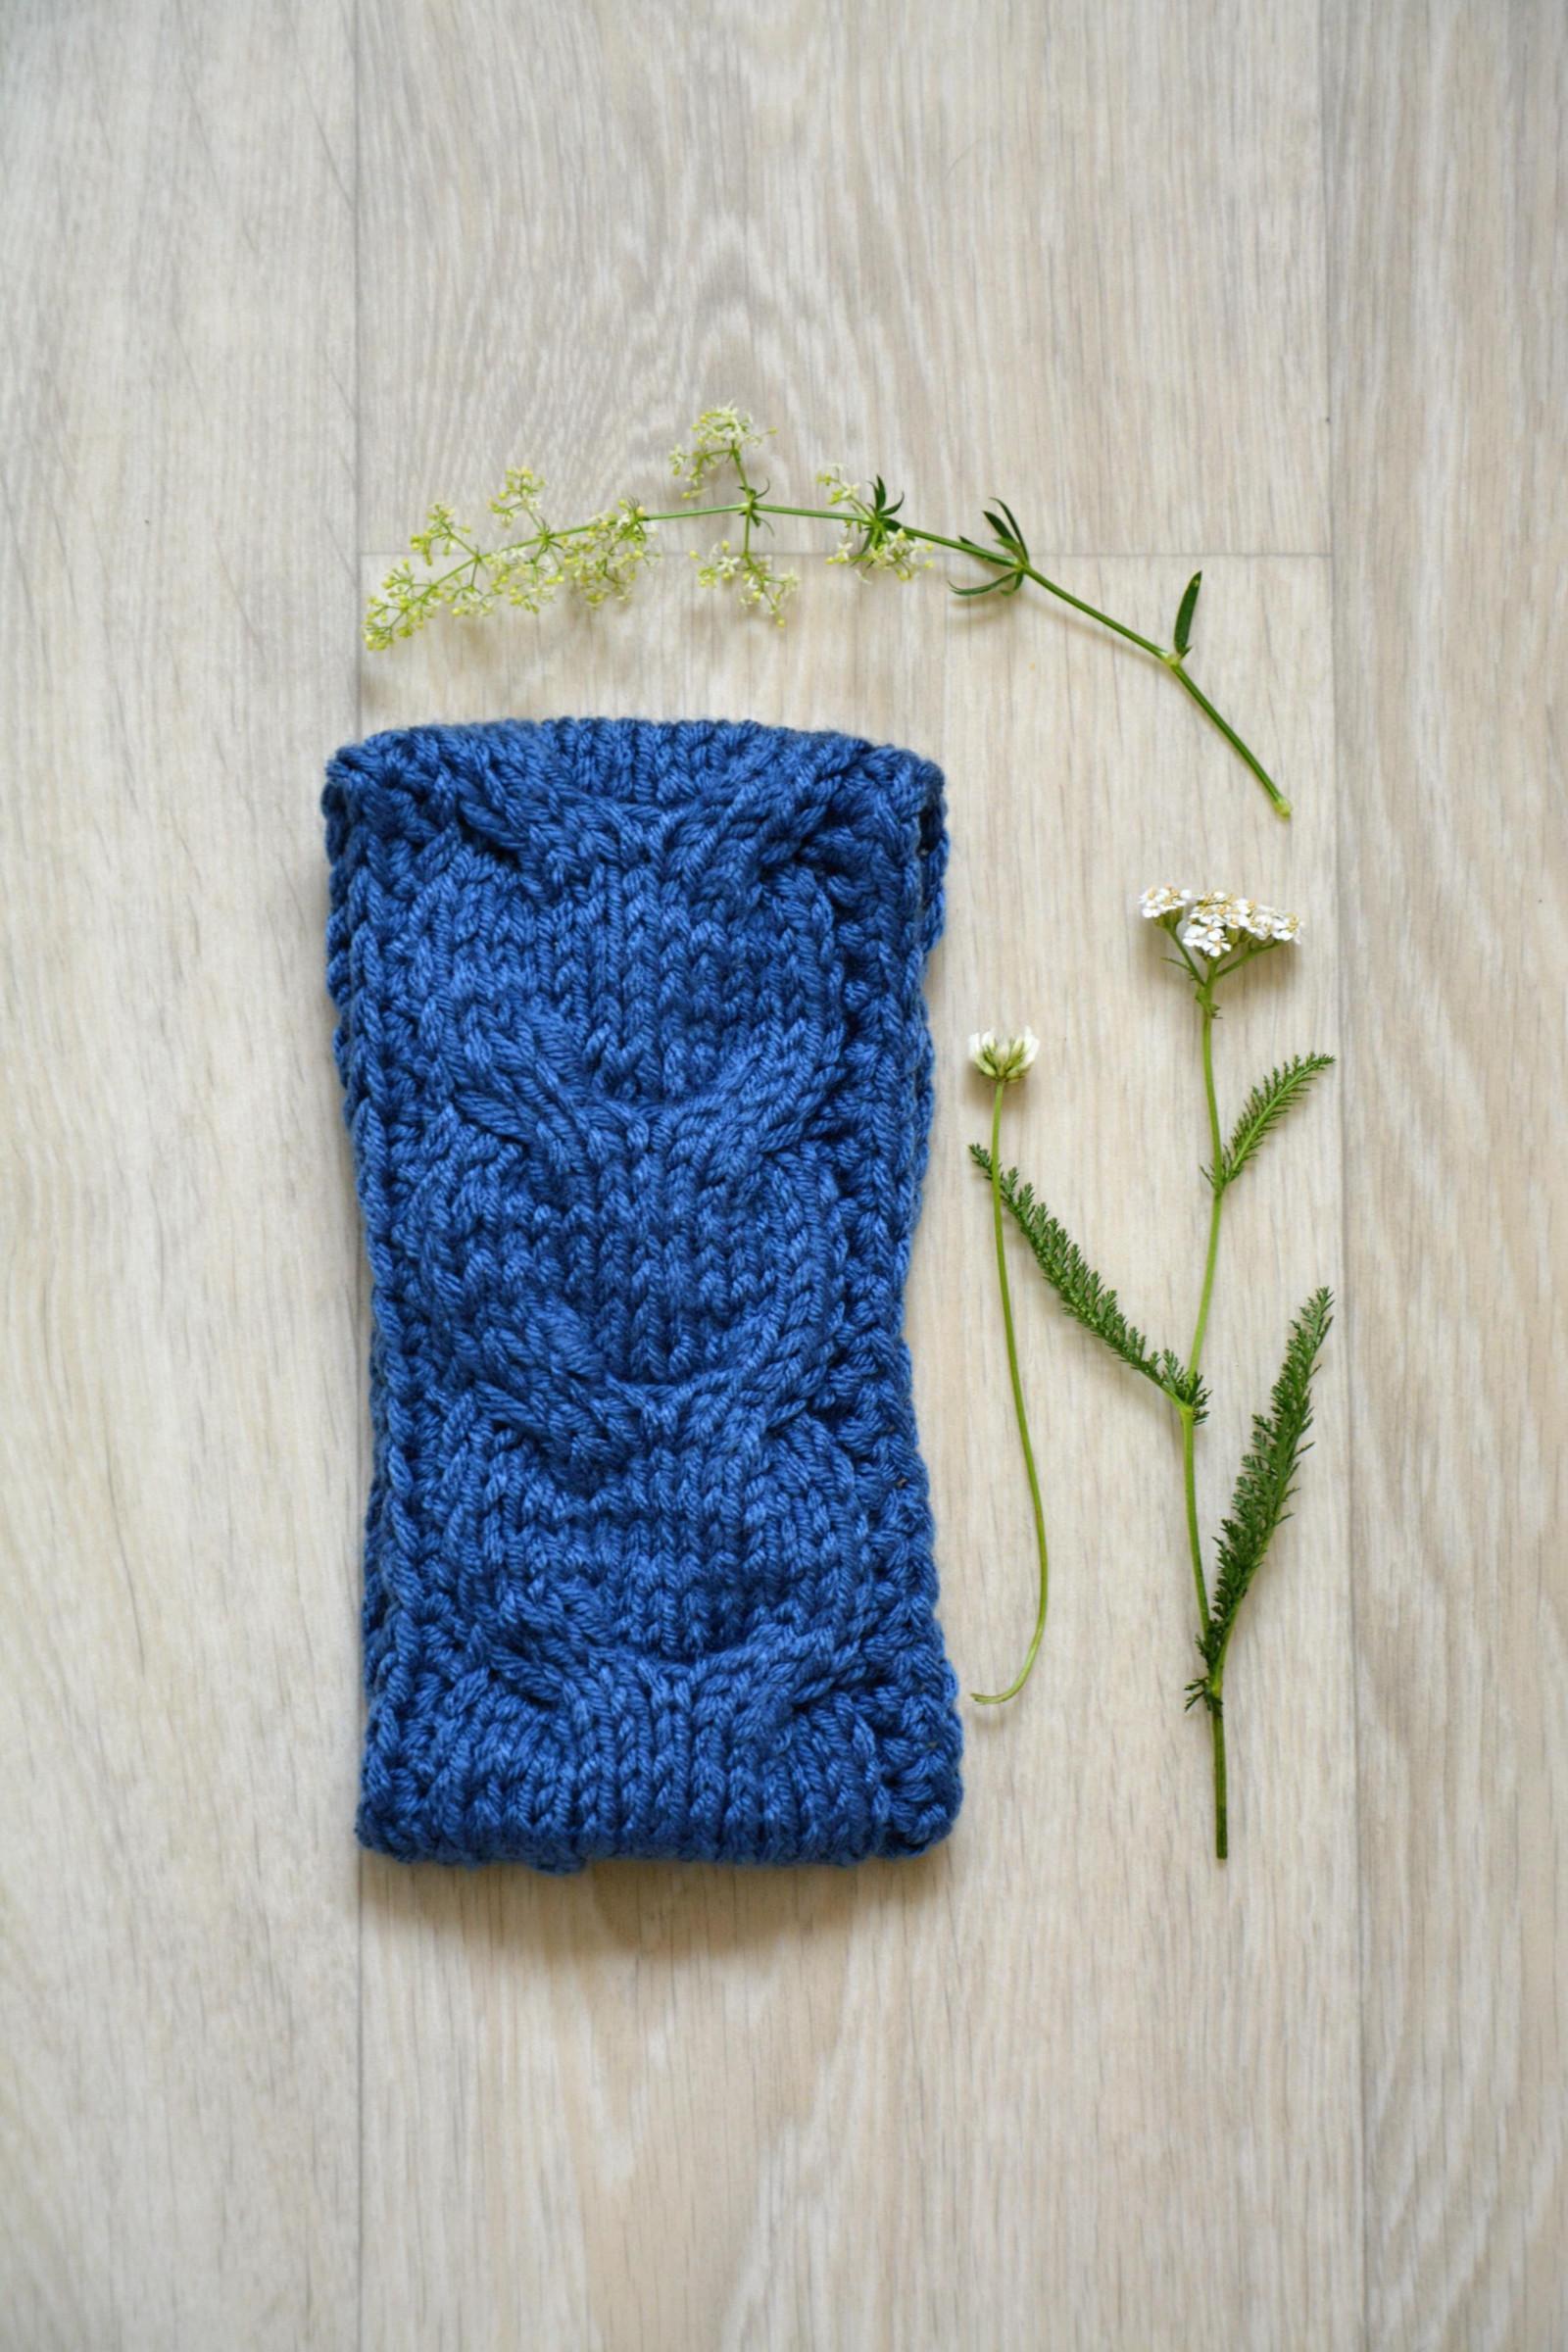 Pletená čelenka s copy- modrá   Zboží prodejce Švambi74  a94b8387a7